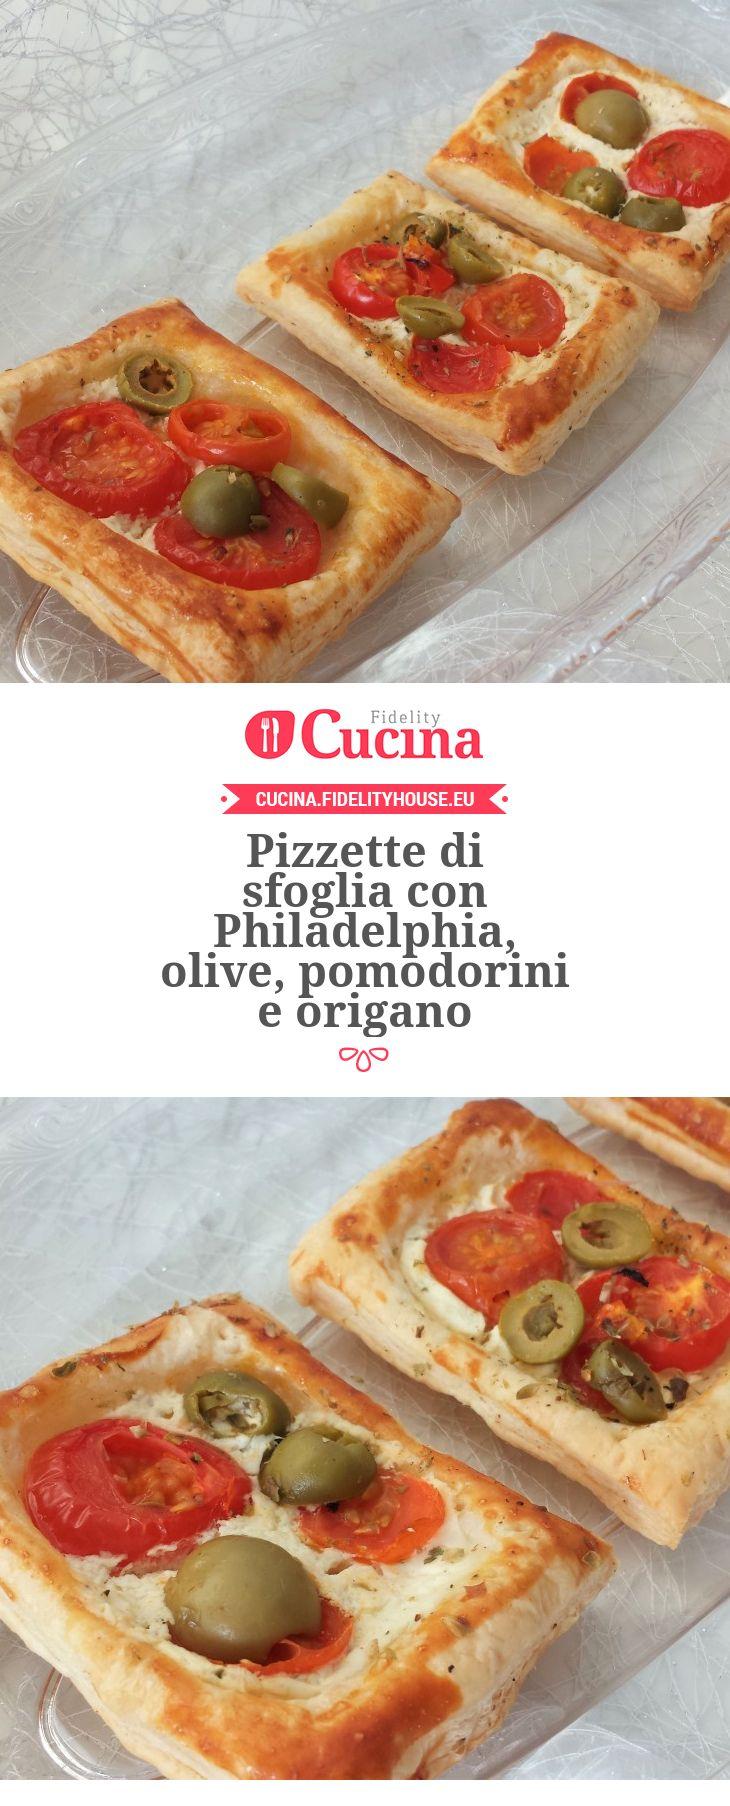 Pizzette di sfoglia con Philadelphia, olive, pomodorini e origano della nostra utente Giada. Unisciti alla nostra Community ed invia le tue ricette!